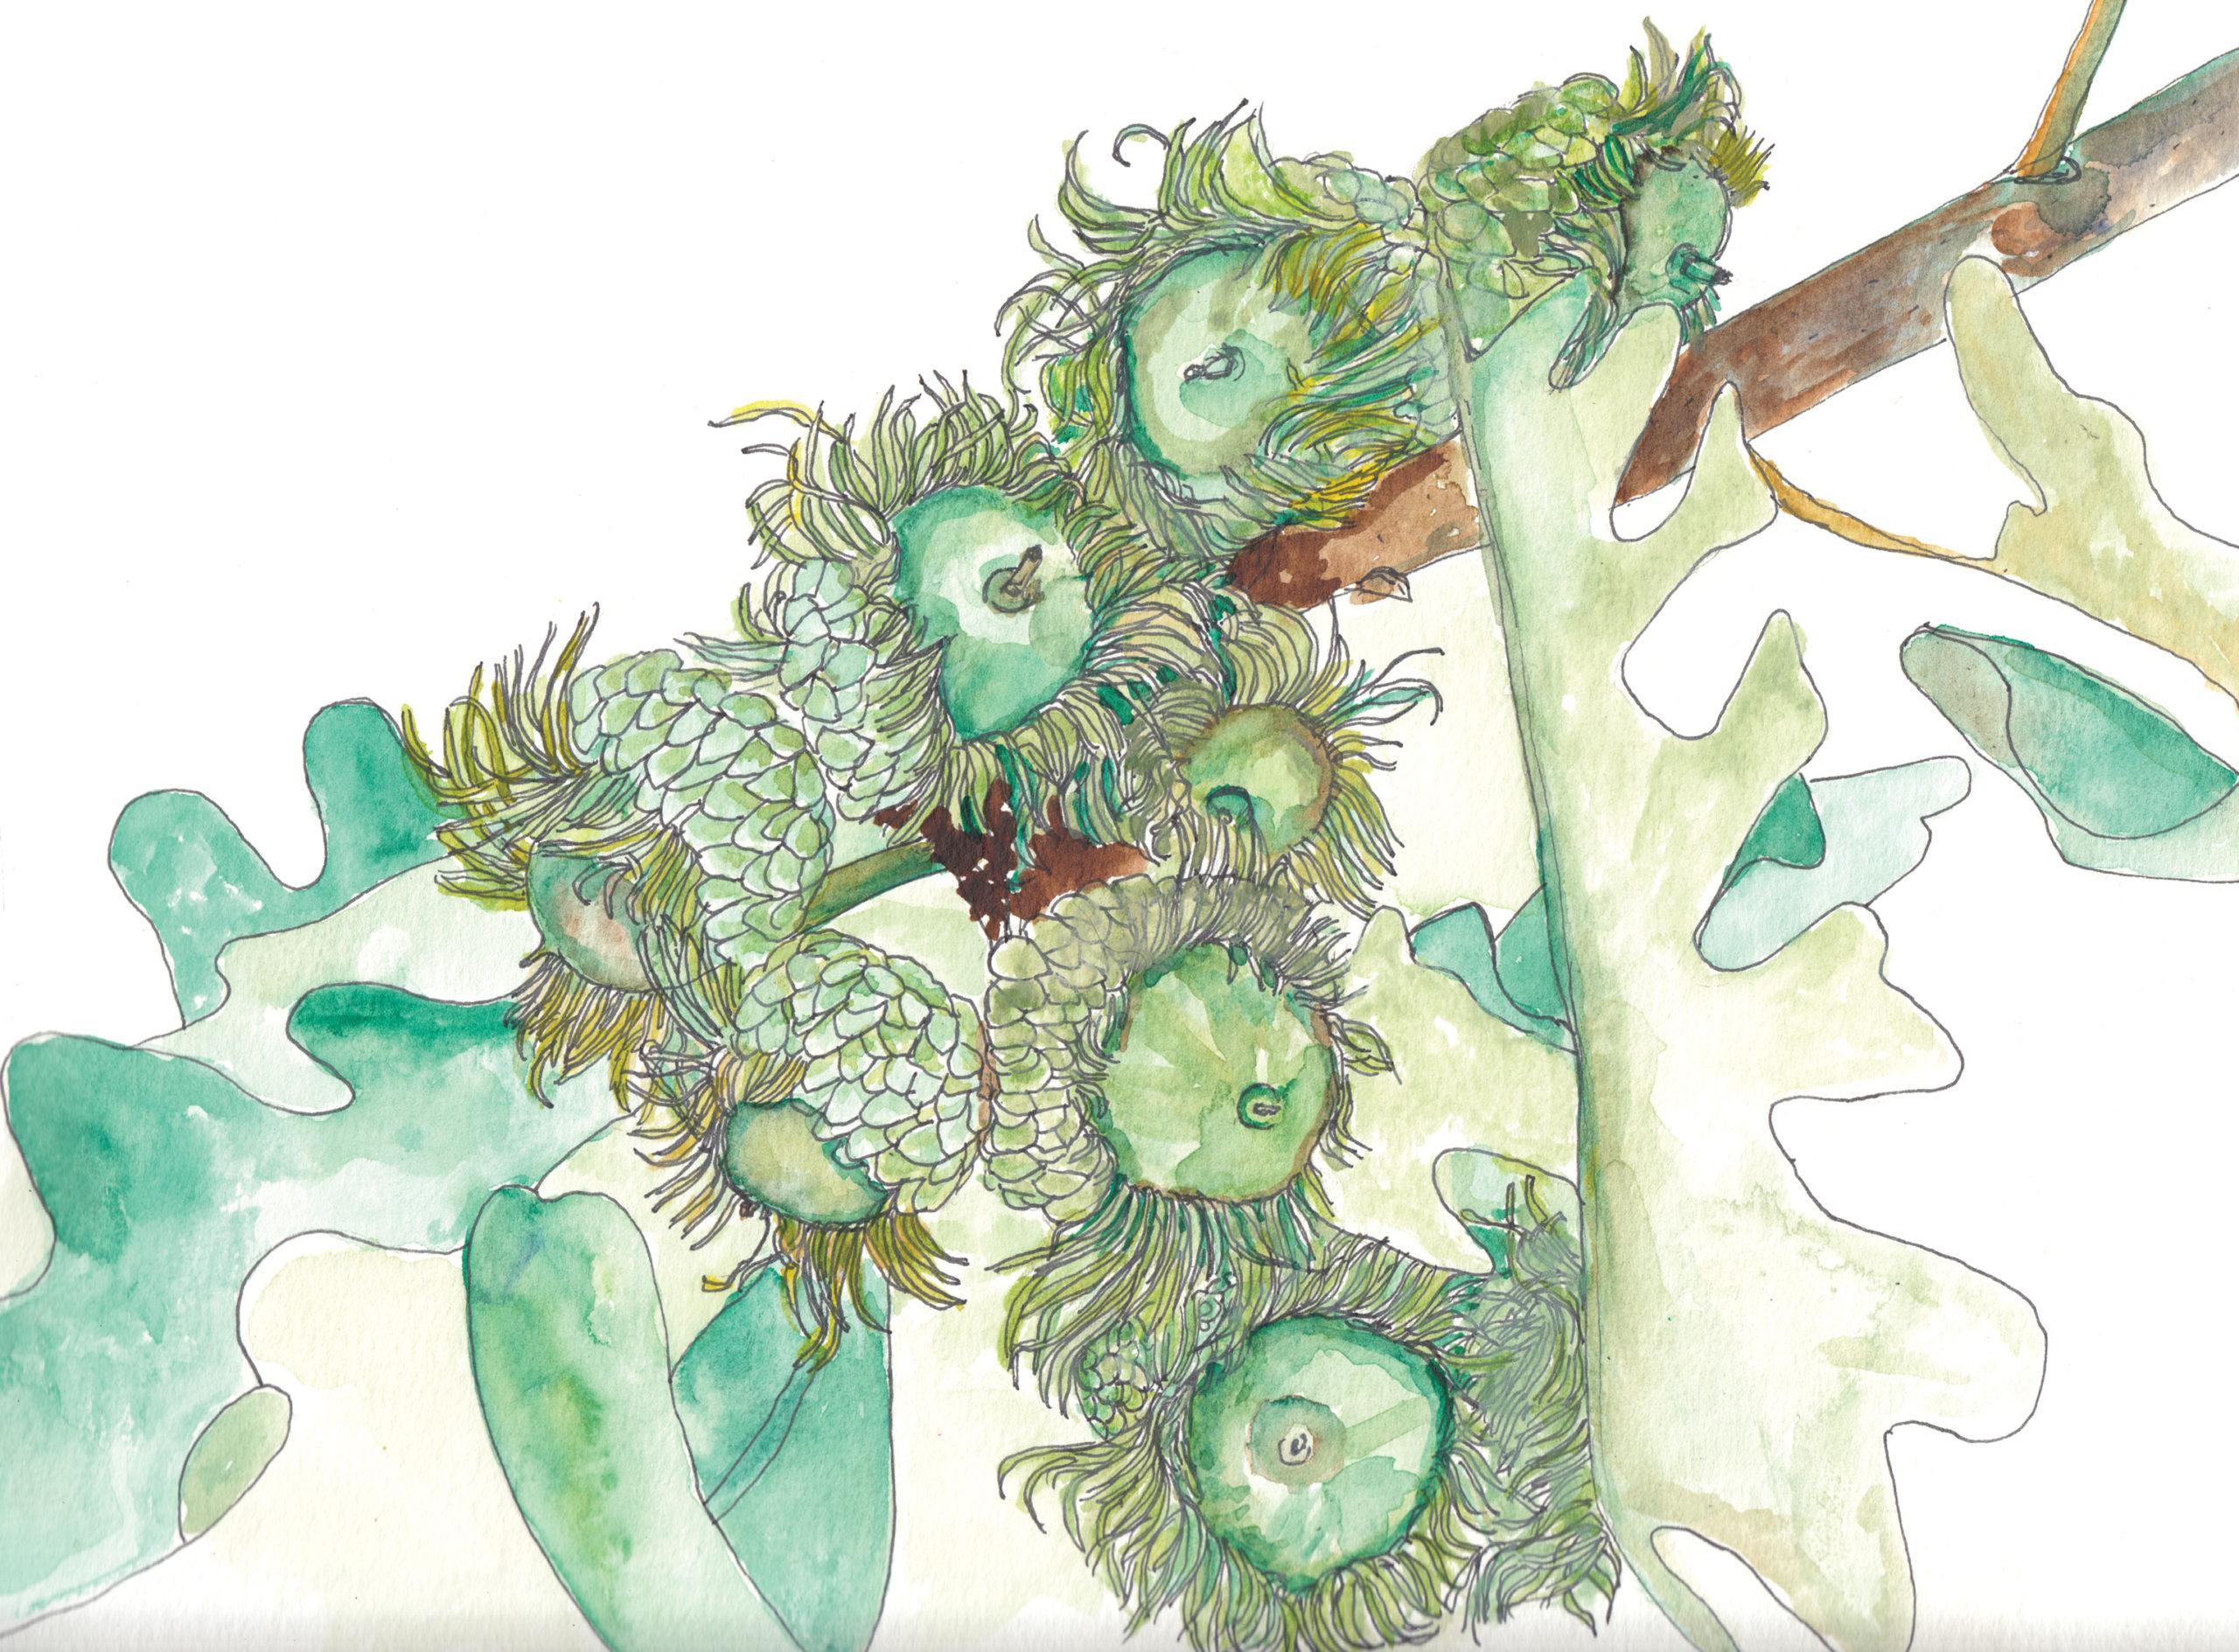 Watercolor and ink illustration of bur oak acorns